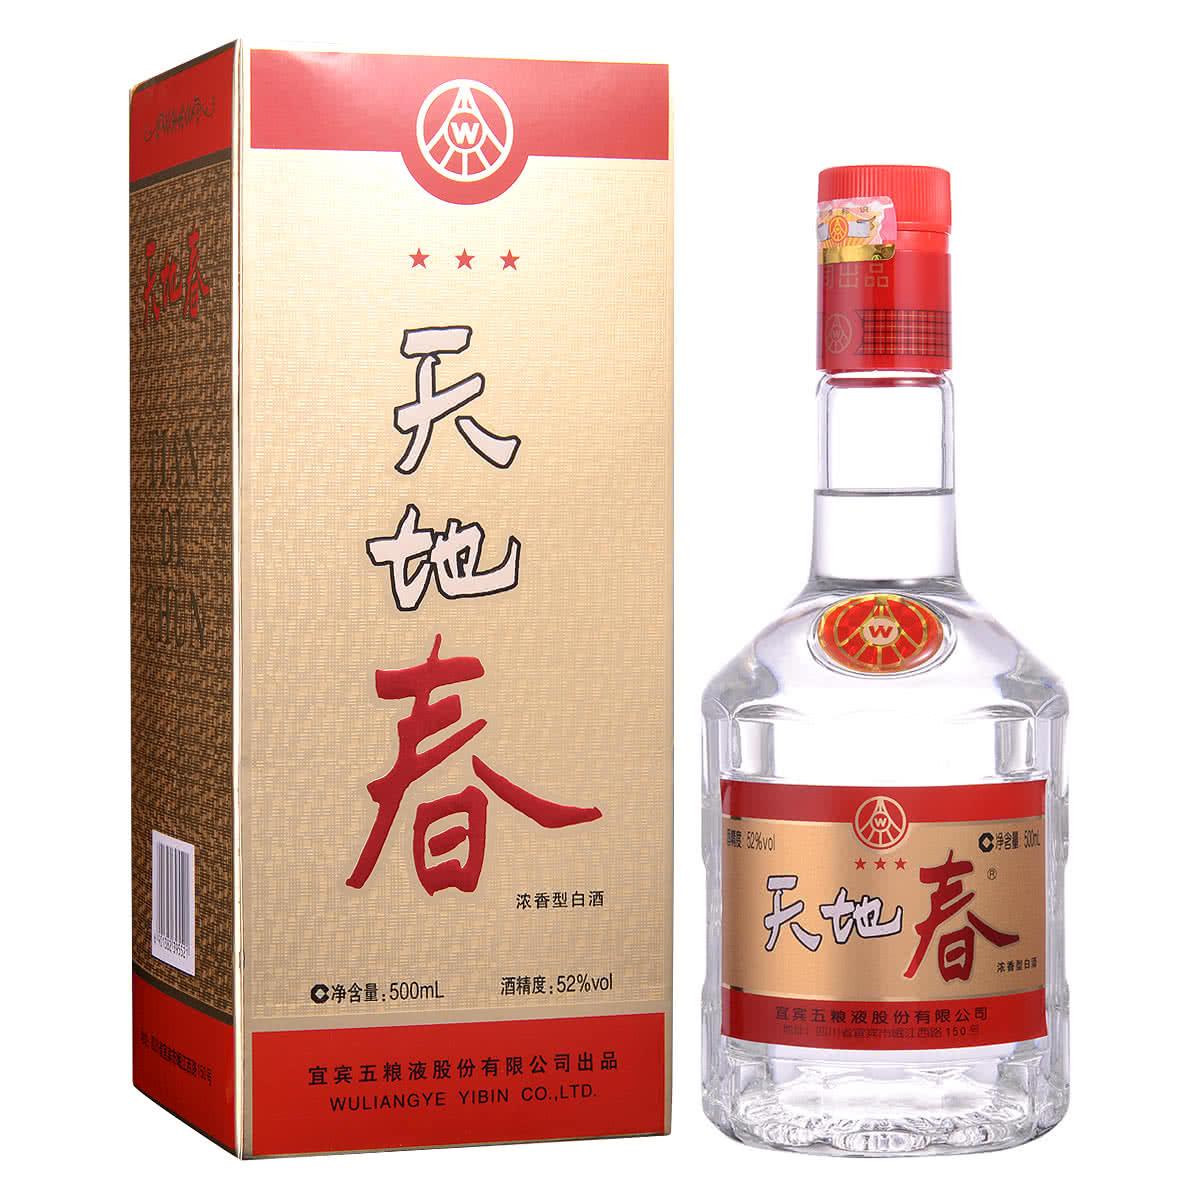 【老酒特卖】52°利发国际娱乐城三星天地春500ml(2011-2012年)